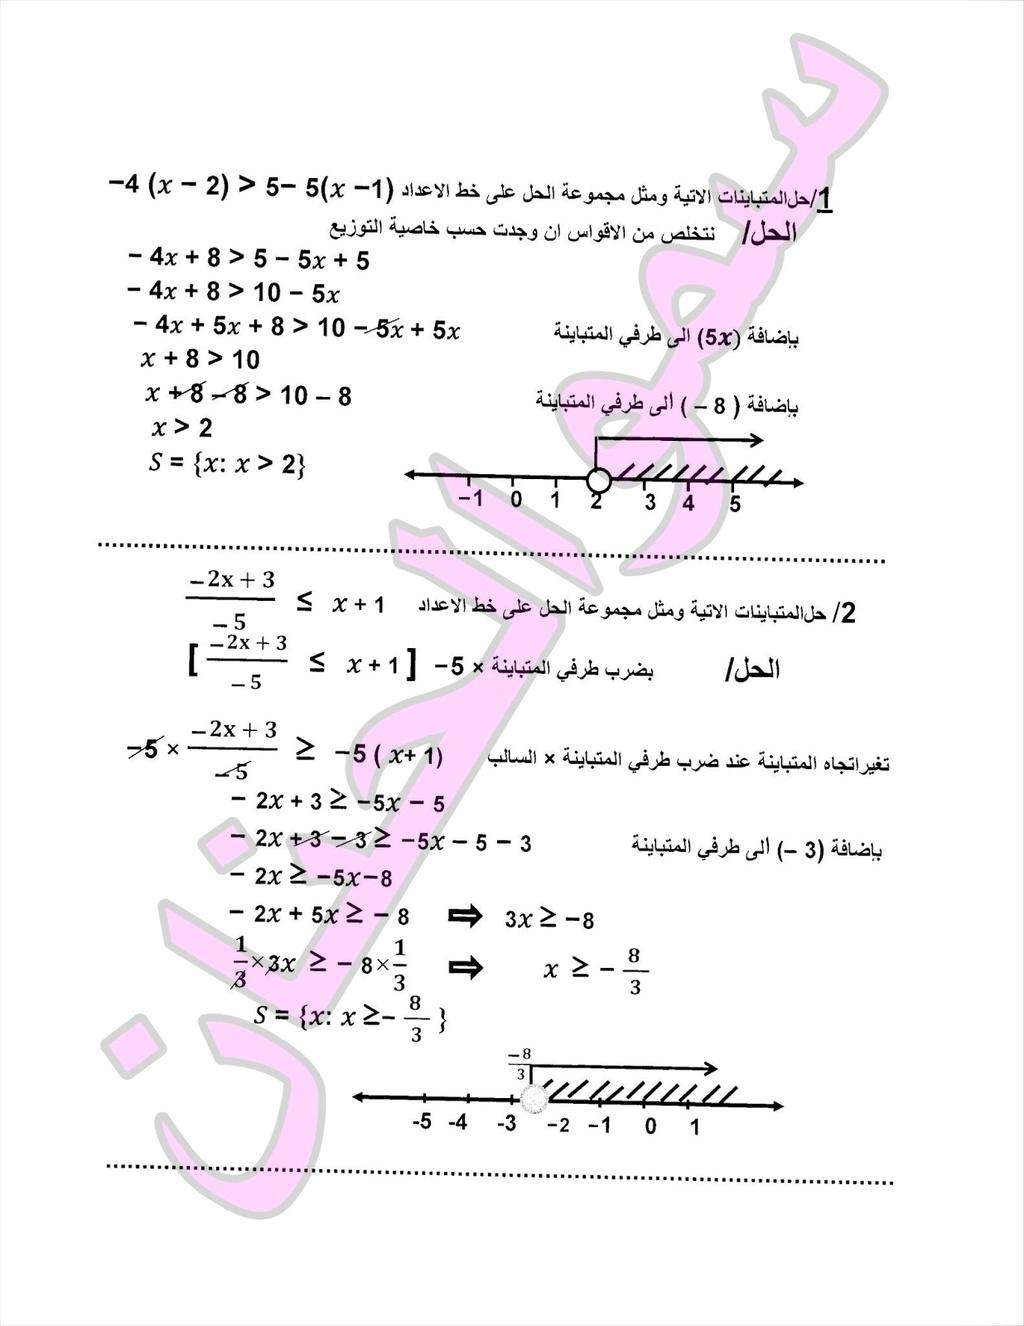 المراجعة المركزة وملخص لمادة الرياضيات للصف الثالث المتوسط 2017 | الجزء 2 1111110